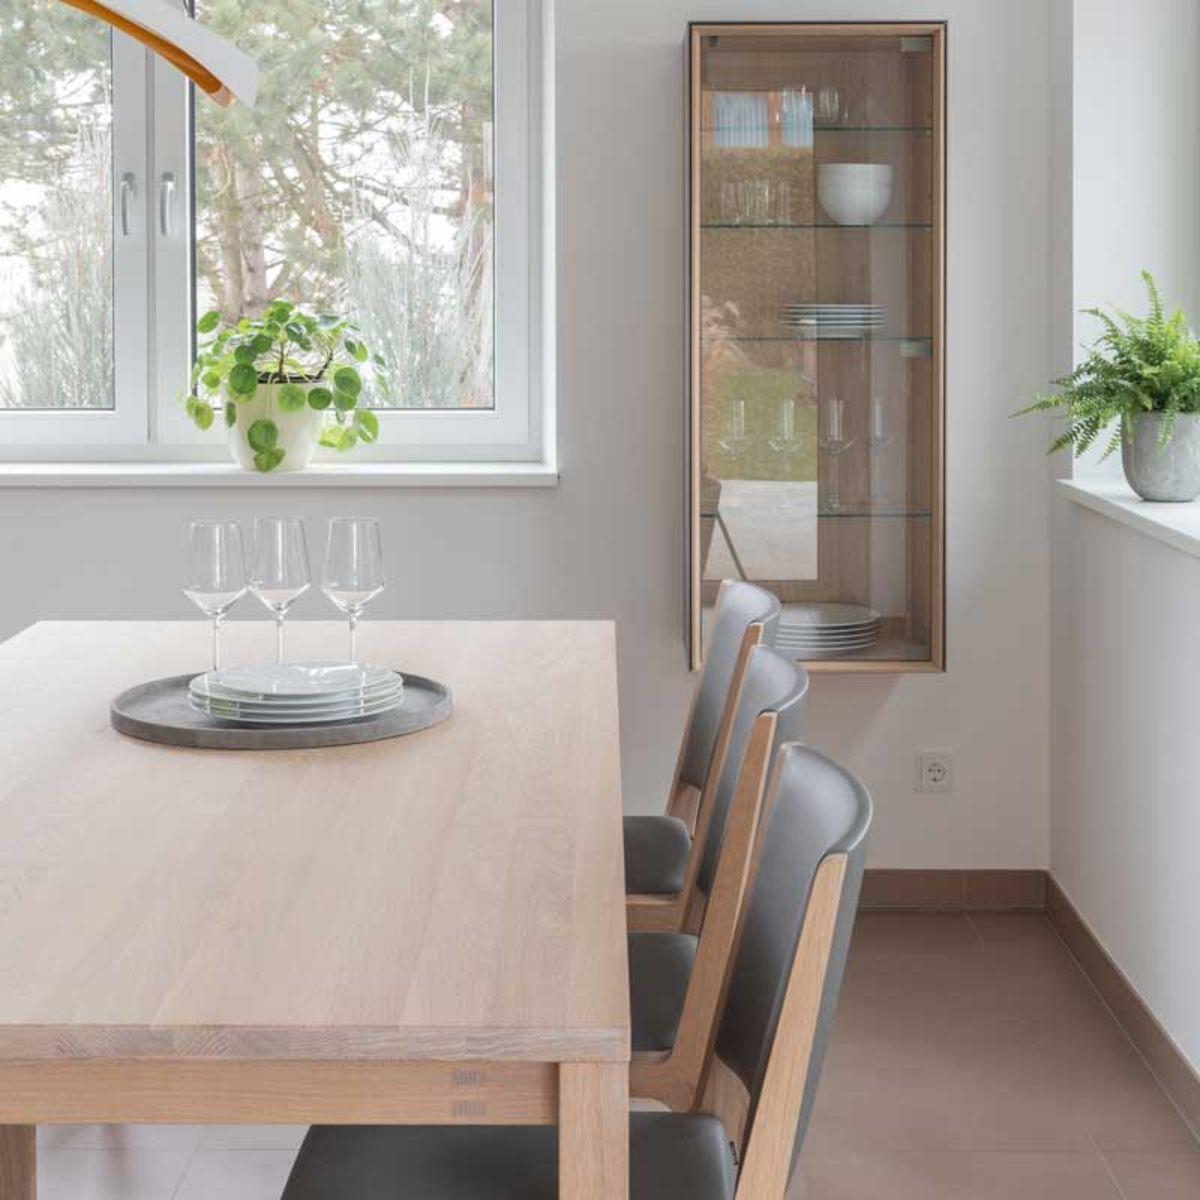 magnum Tisch mit eviva Stühlen in Eiche Weißöl von TEAM 7 Wien